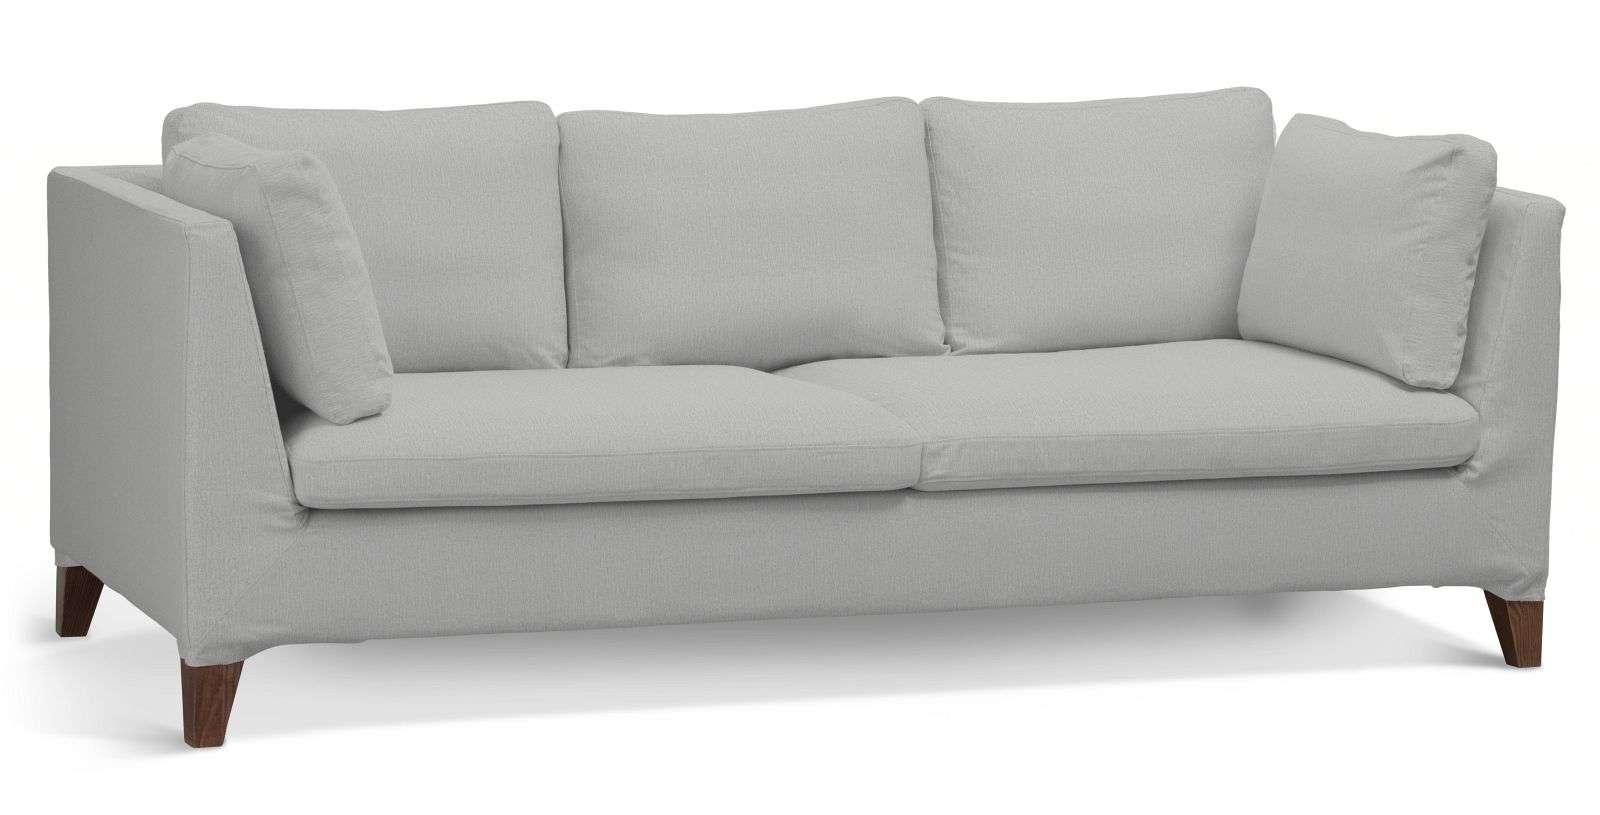 Pokrowiec na sofę Stockholm 3-osobową w kolekcji Chenille, tkanina: 702-23